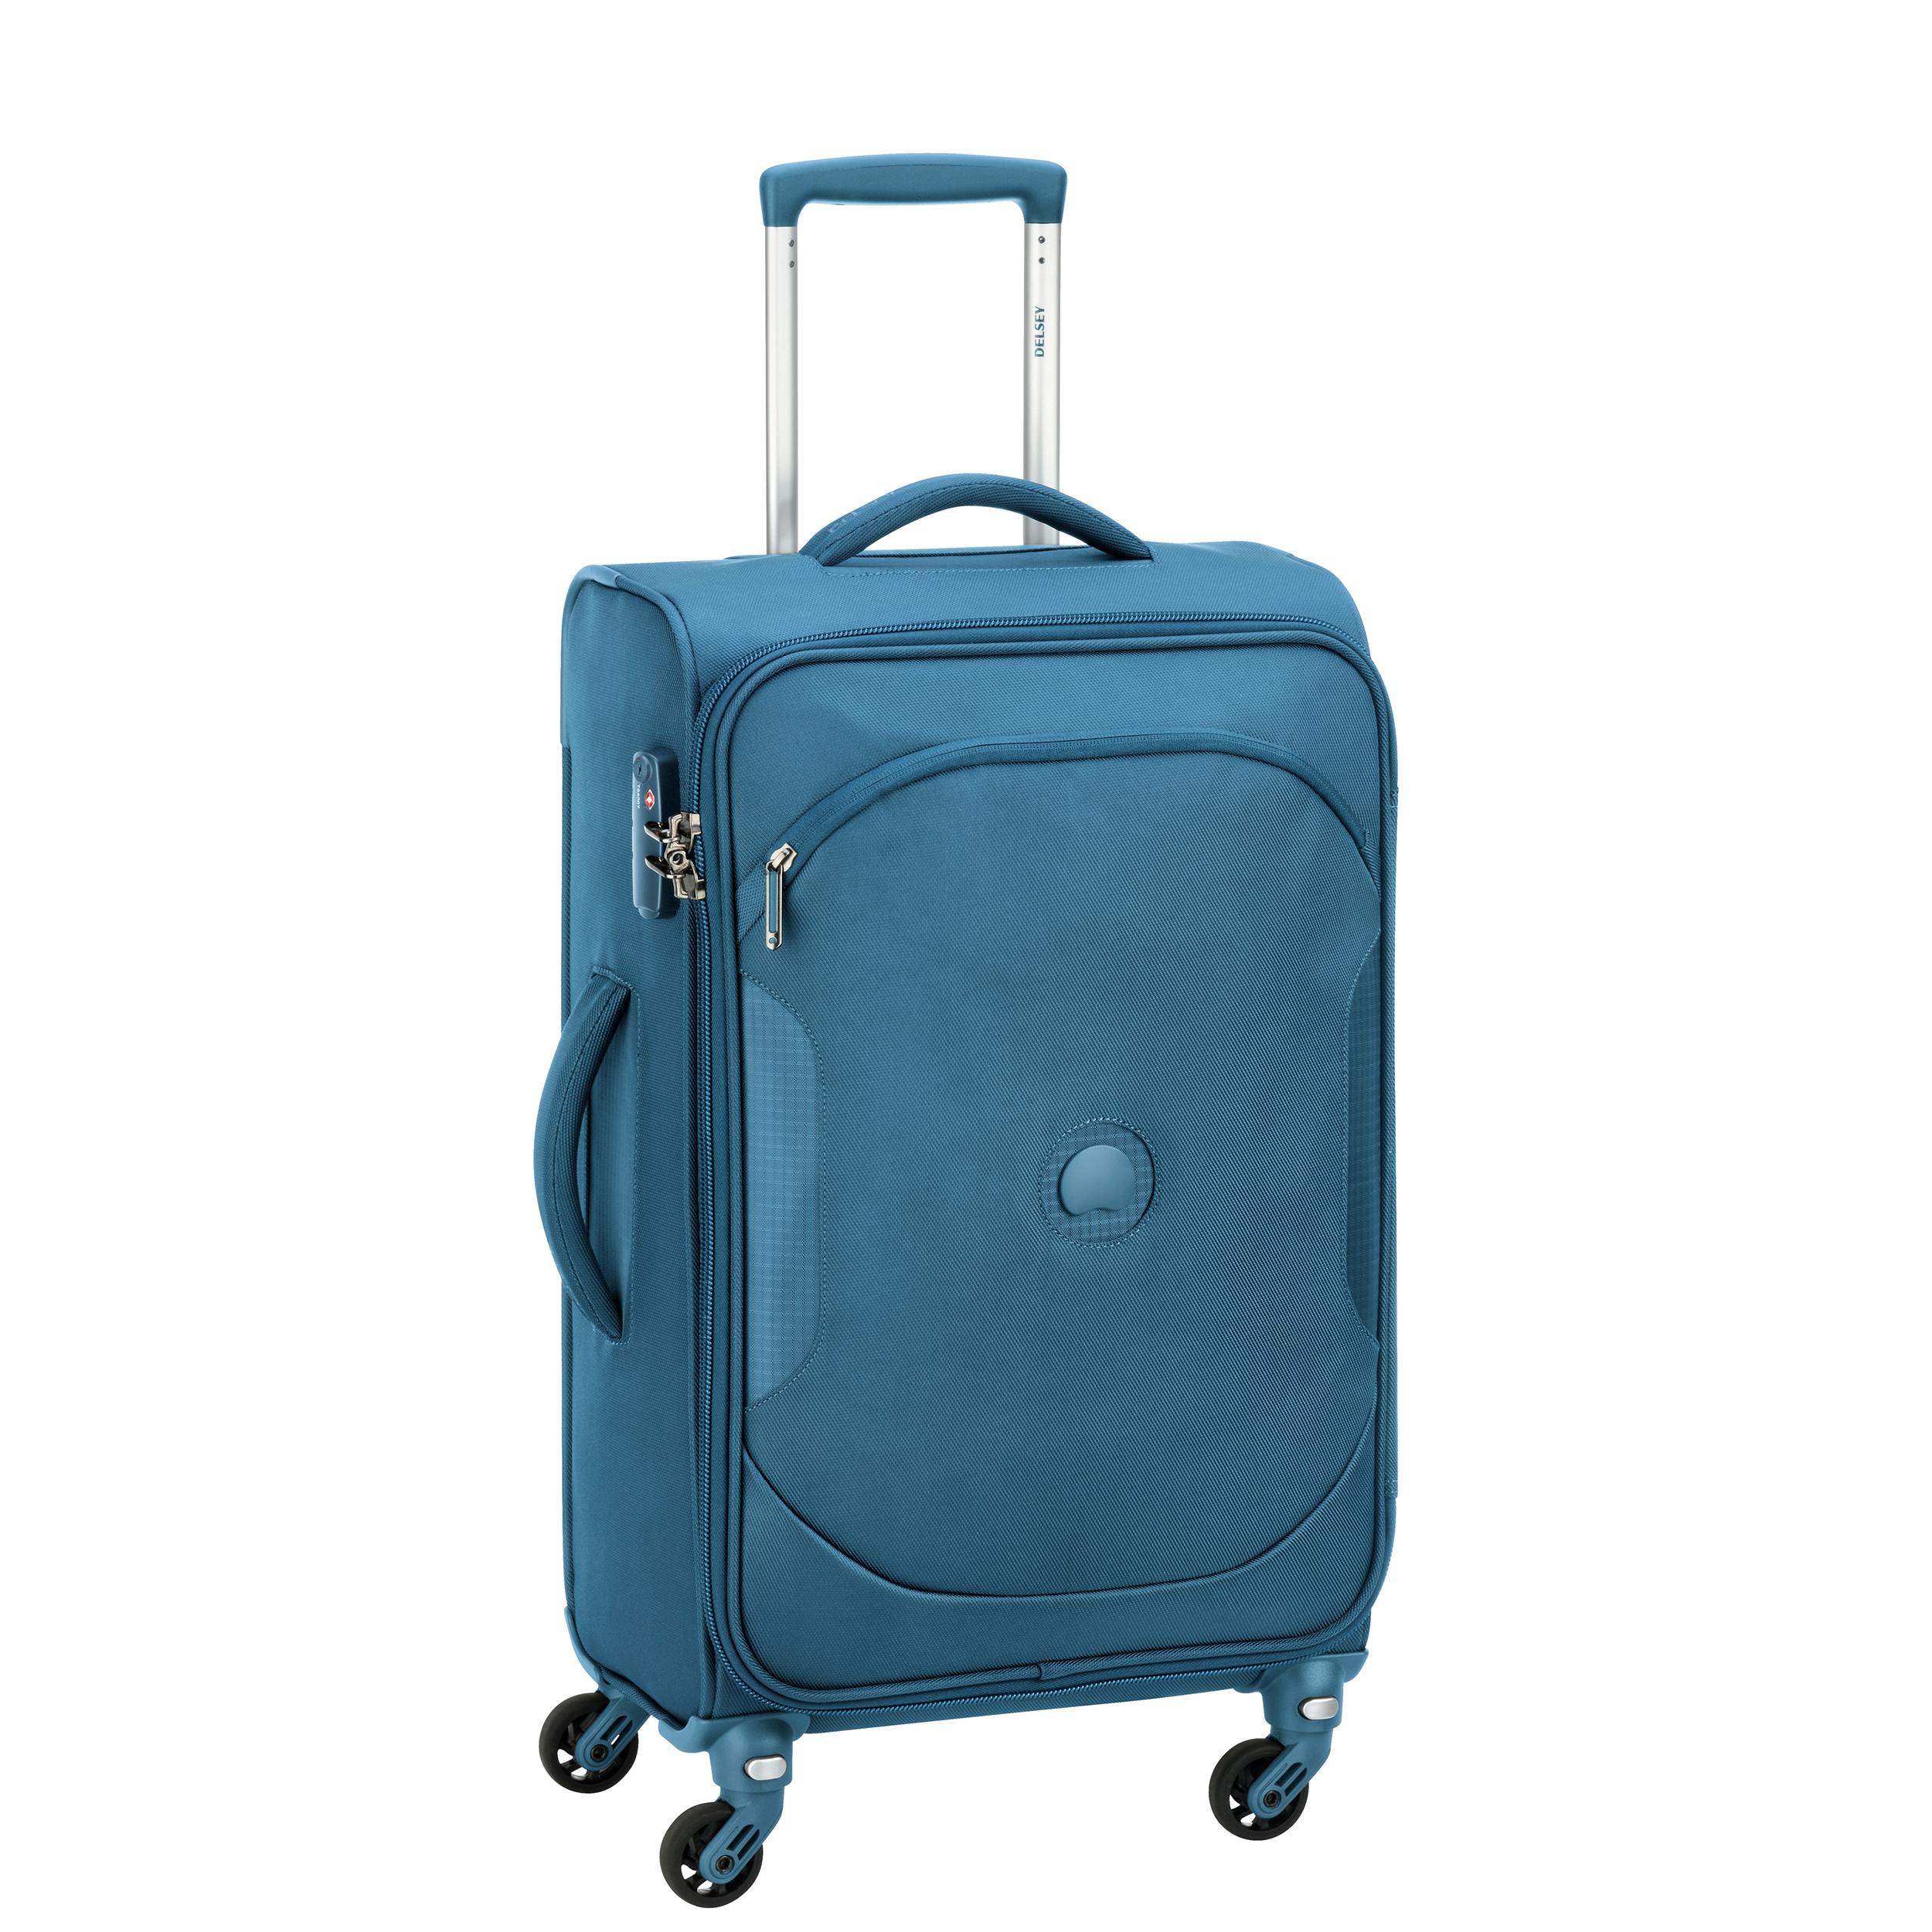 چمدان دلسی مدل ULITE CLASSIC 2 کد 3246805 سایز کوچک